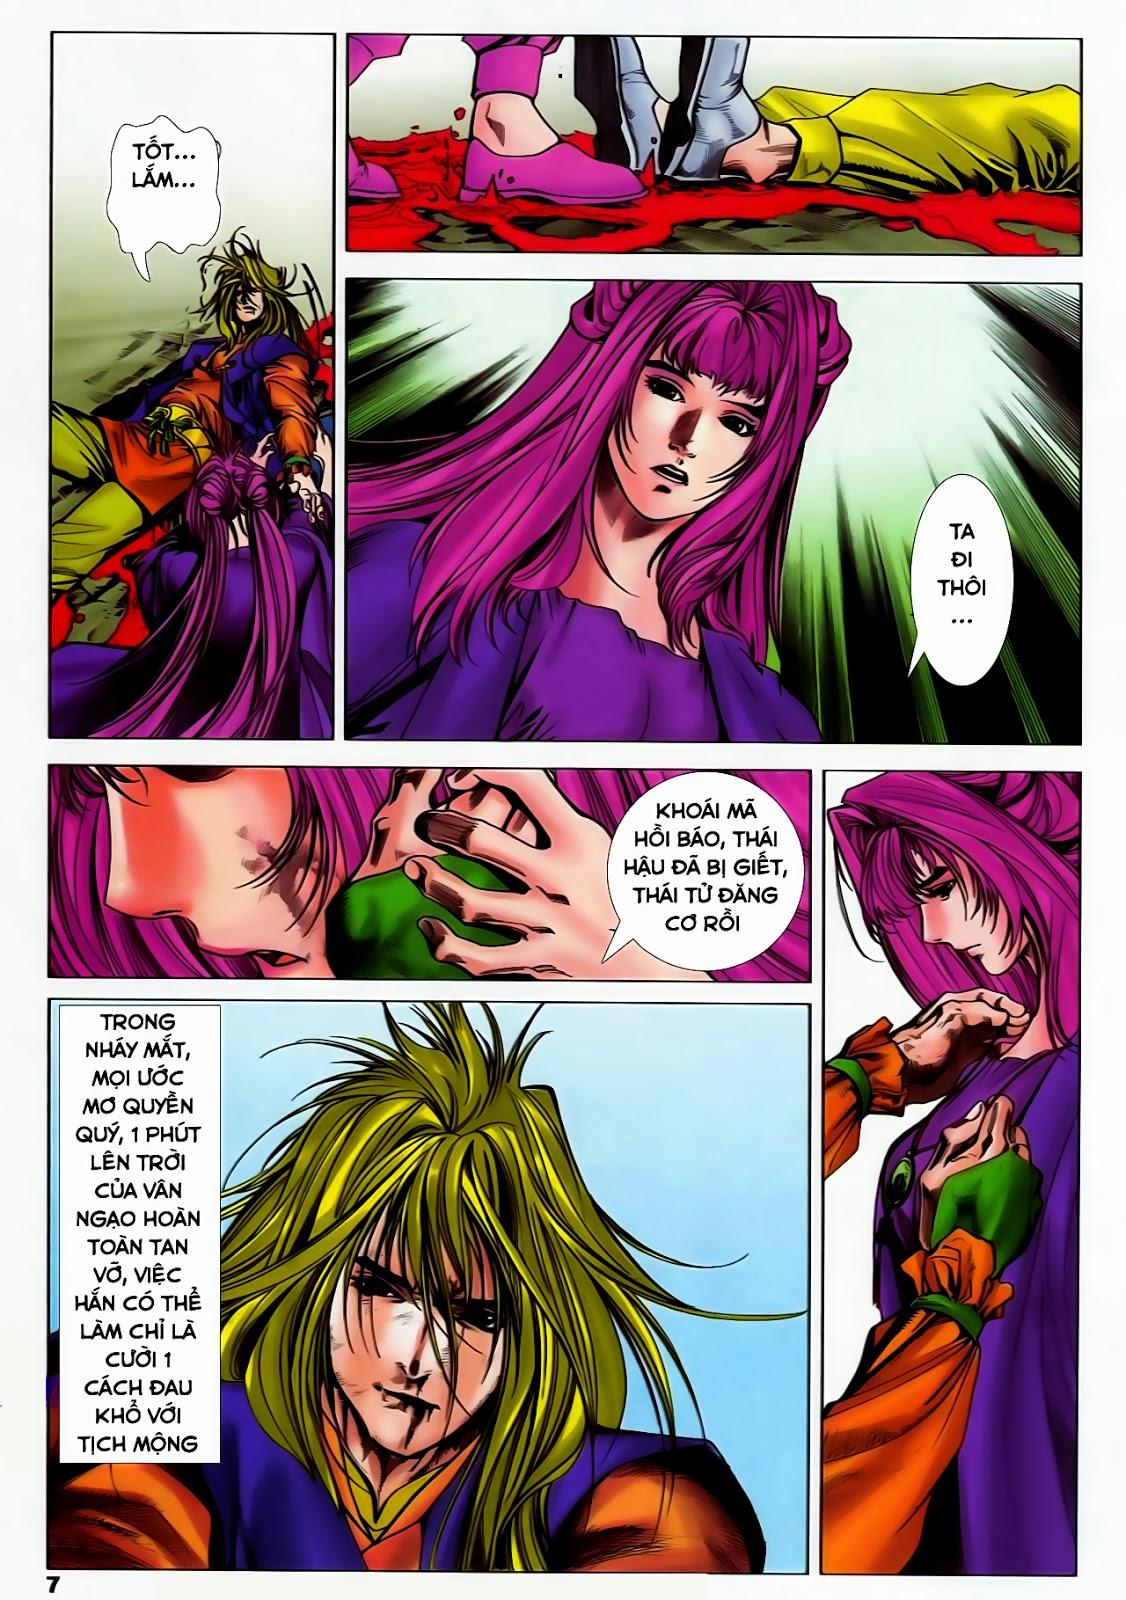 Lục Đạo Thiên Thư chap 37 - Trang 7